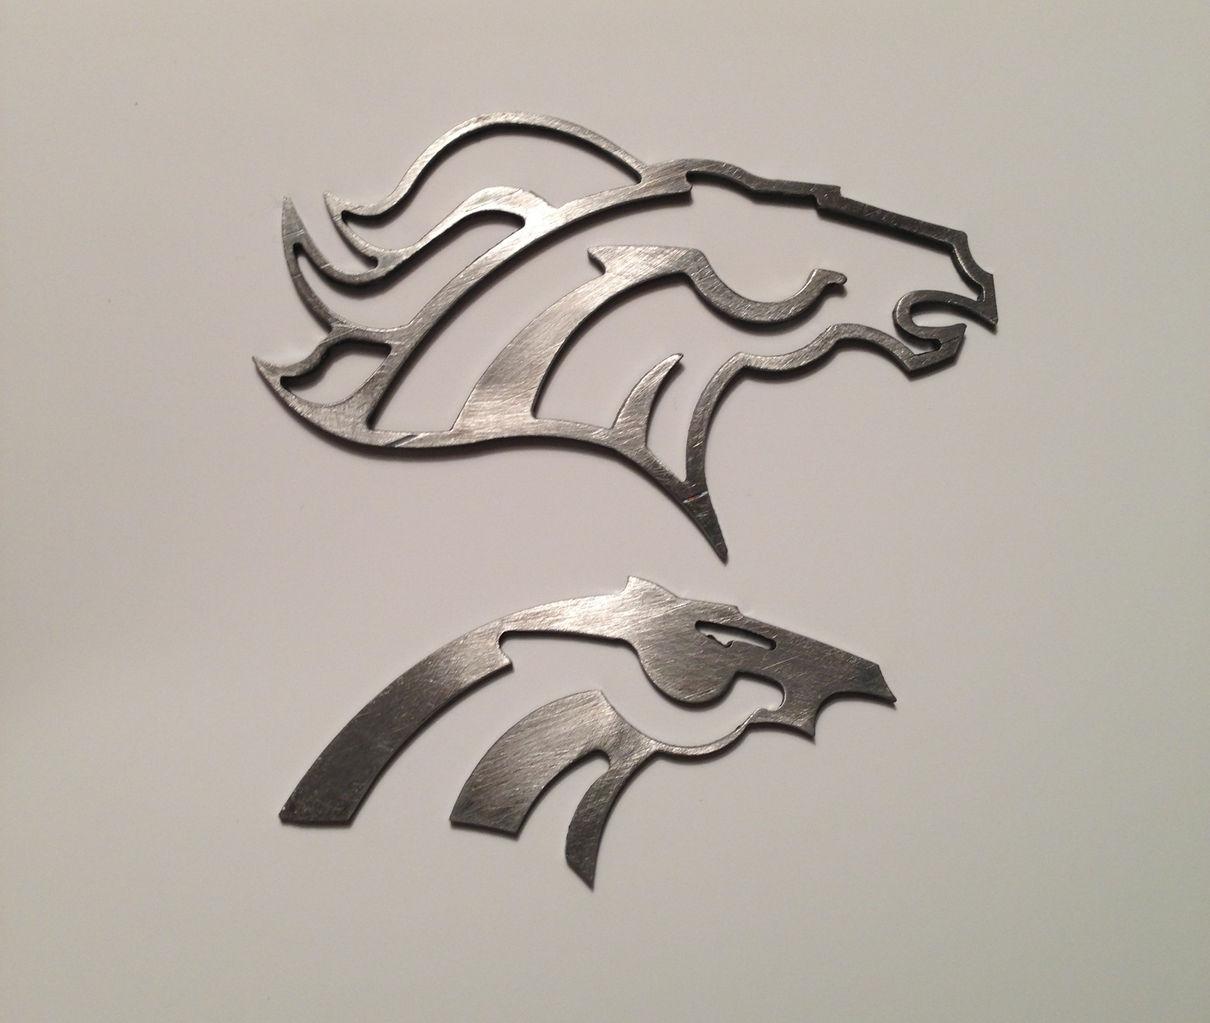 Custom Metal Work And Design